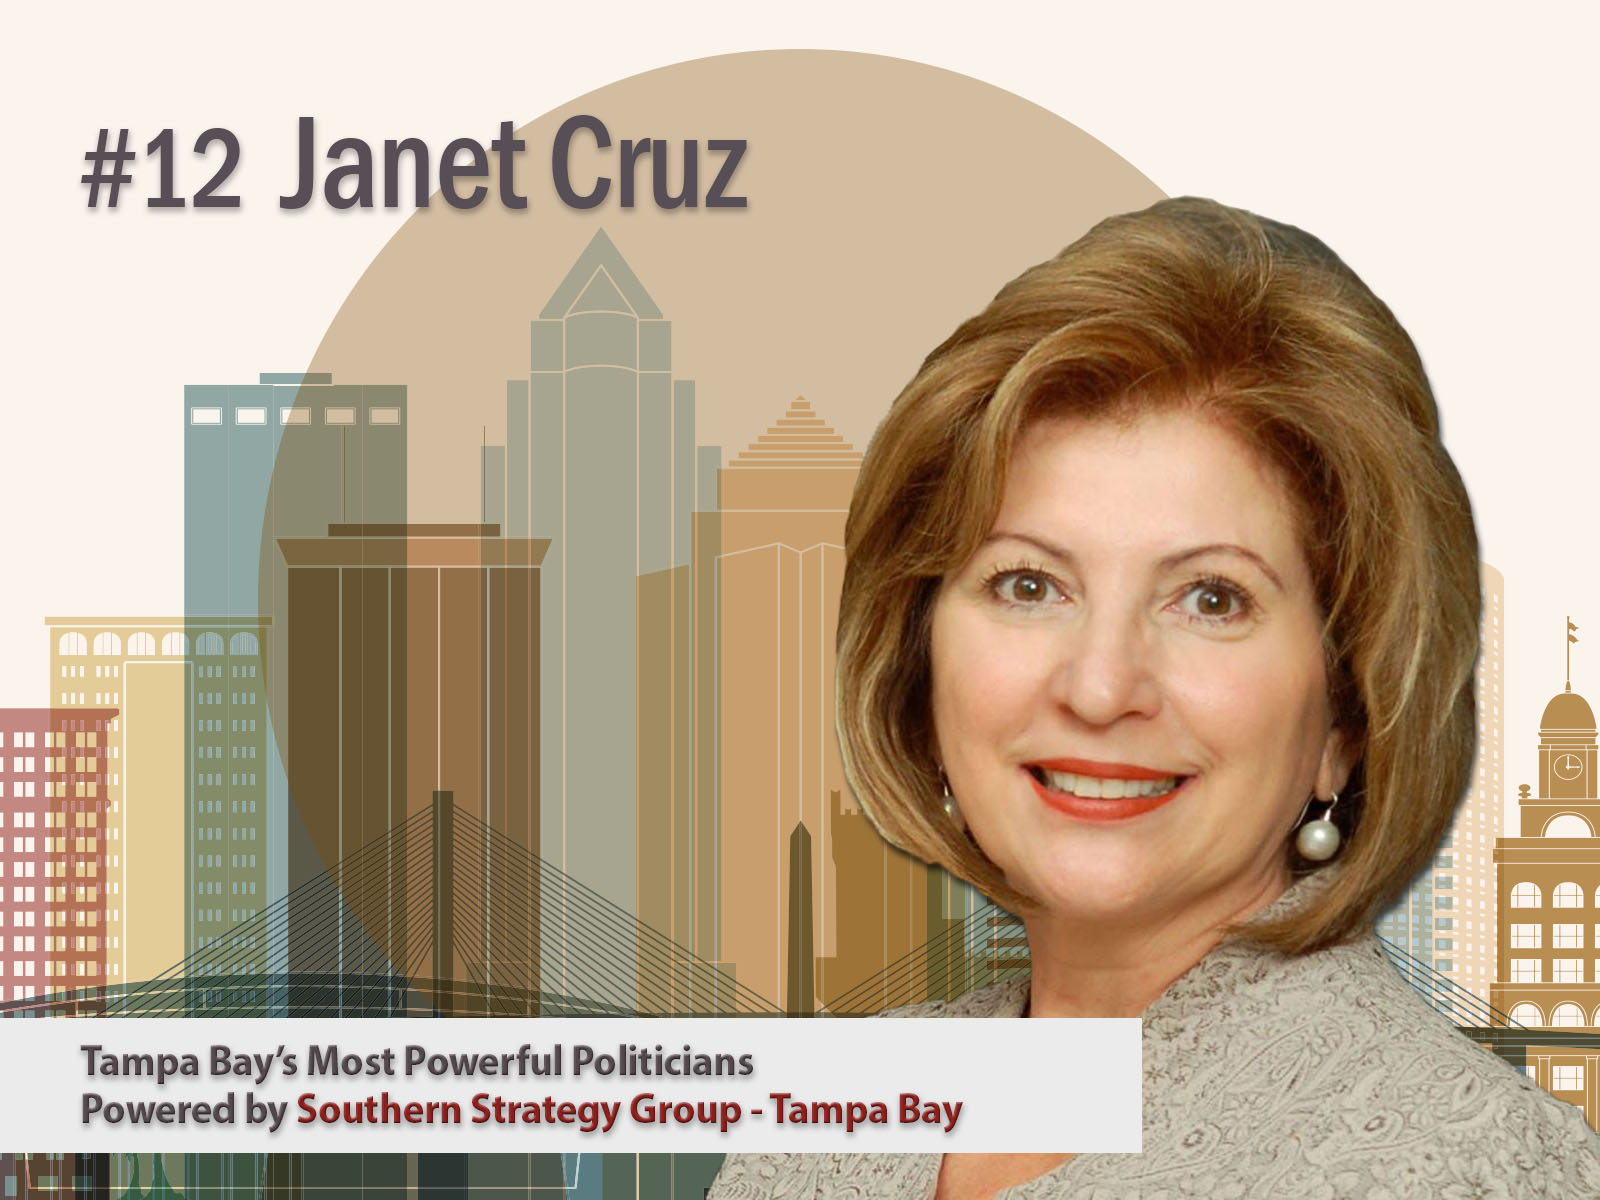 12_Cruz_Janet.jpg